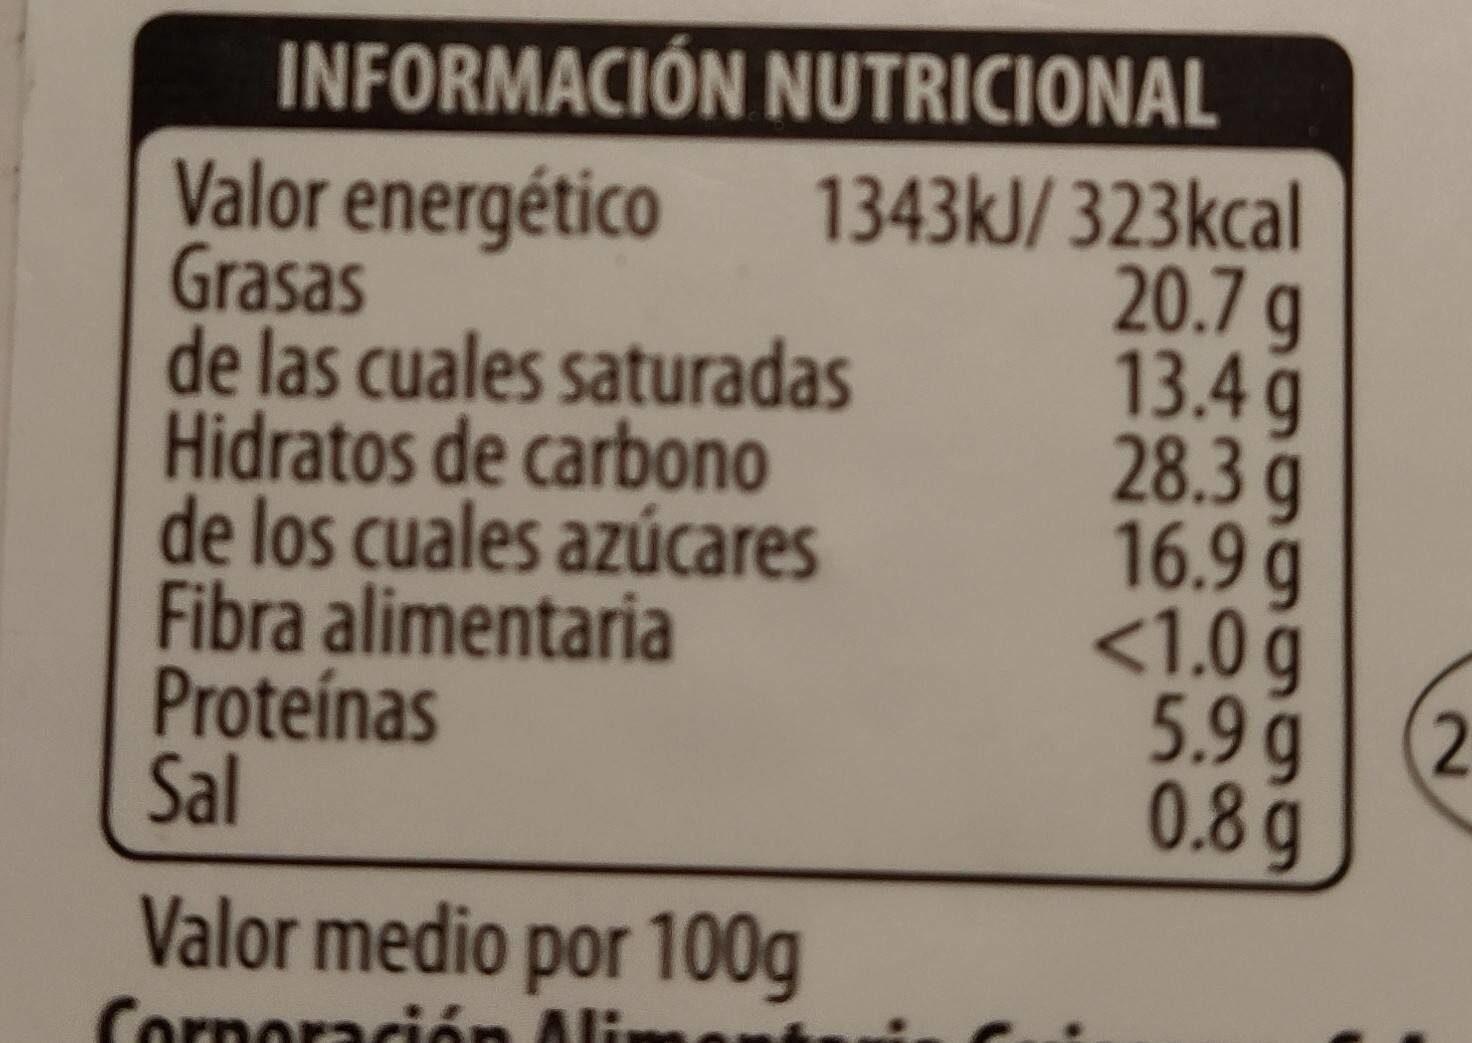 Tarta de queso - Informació nutricional - es